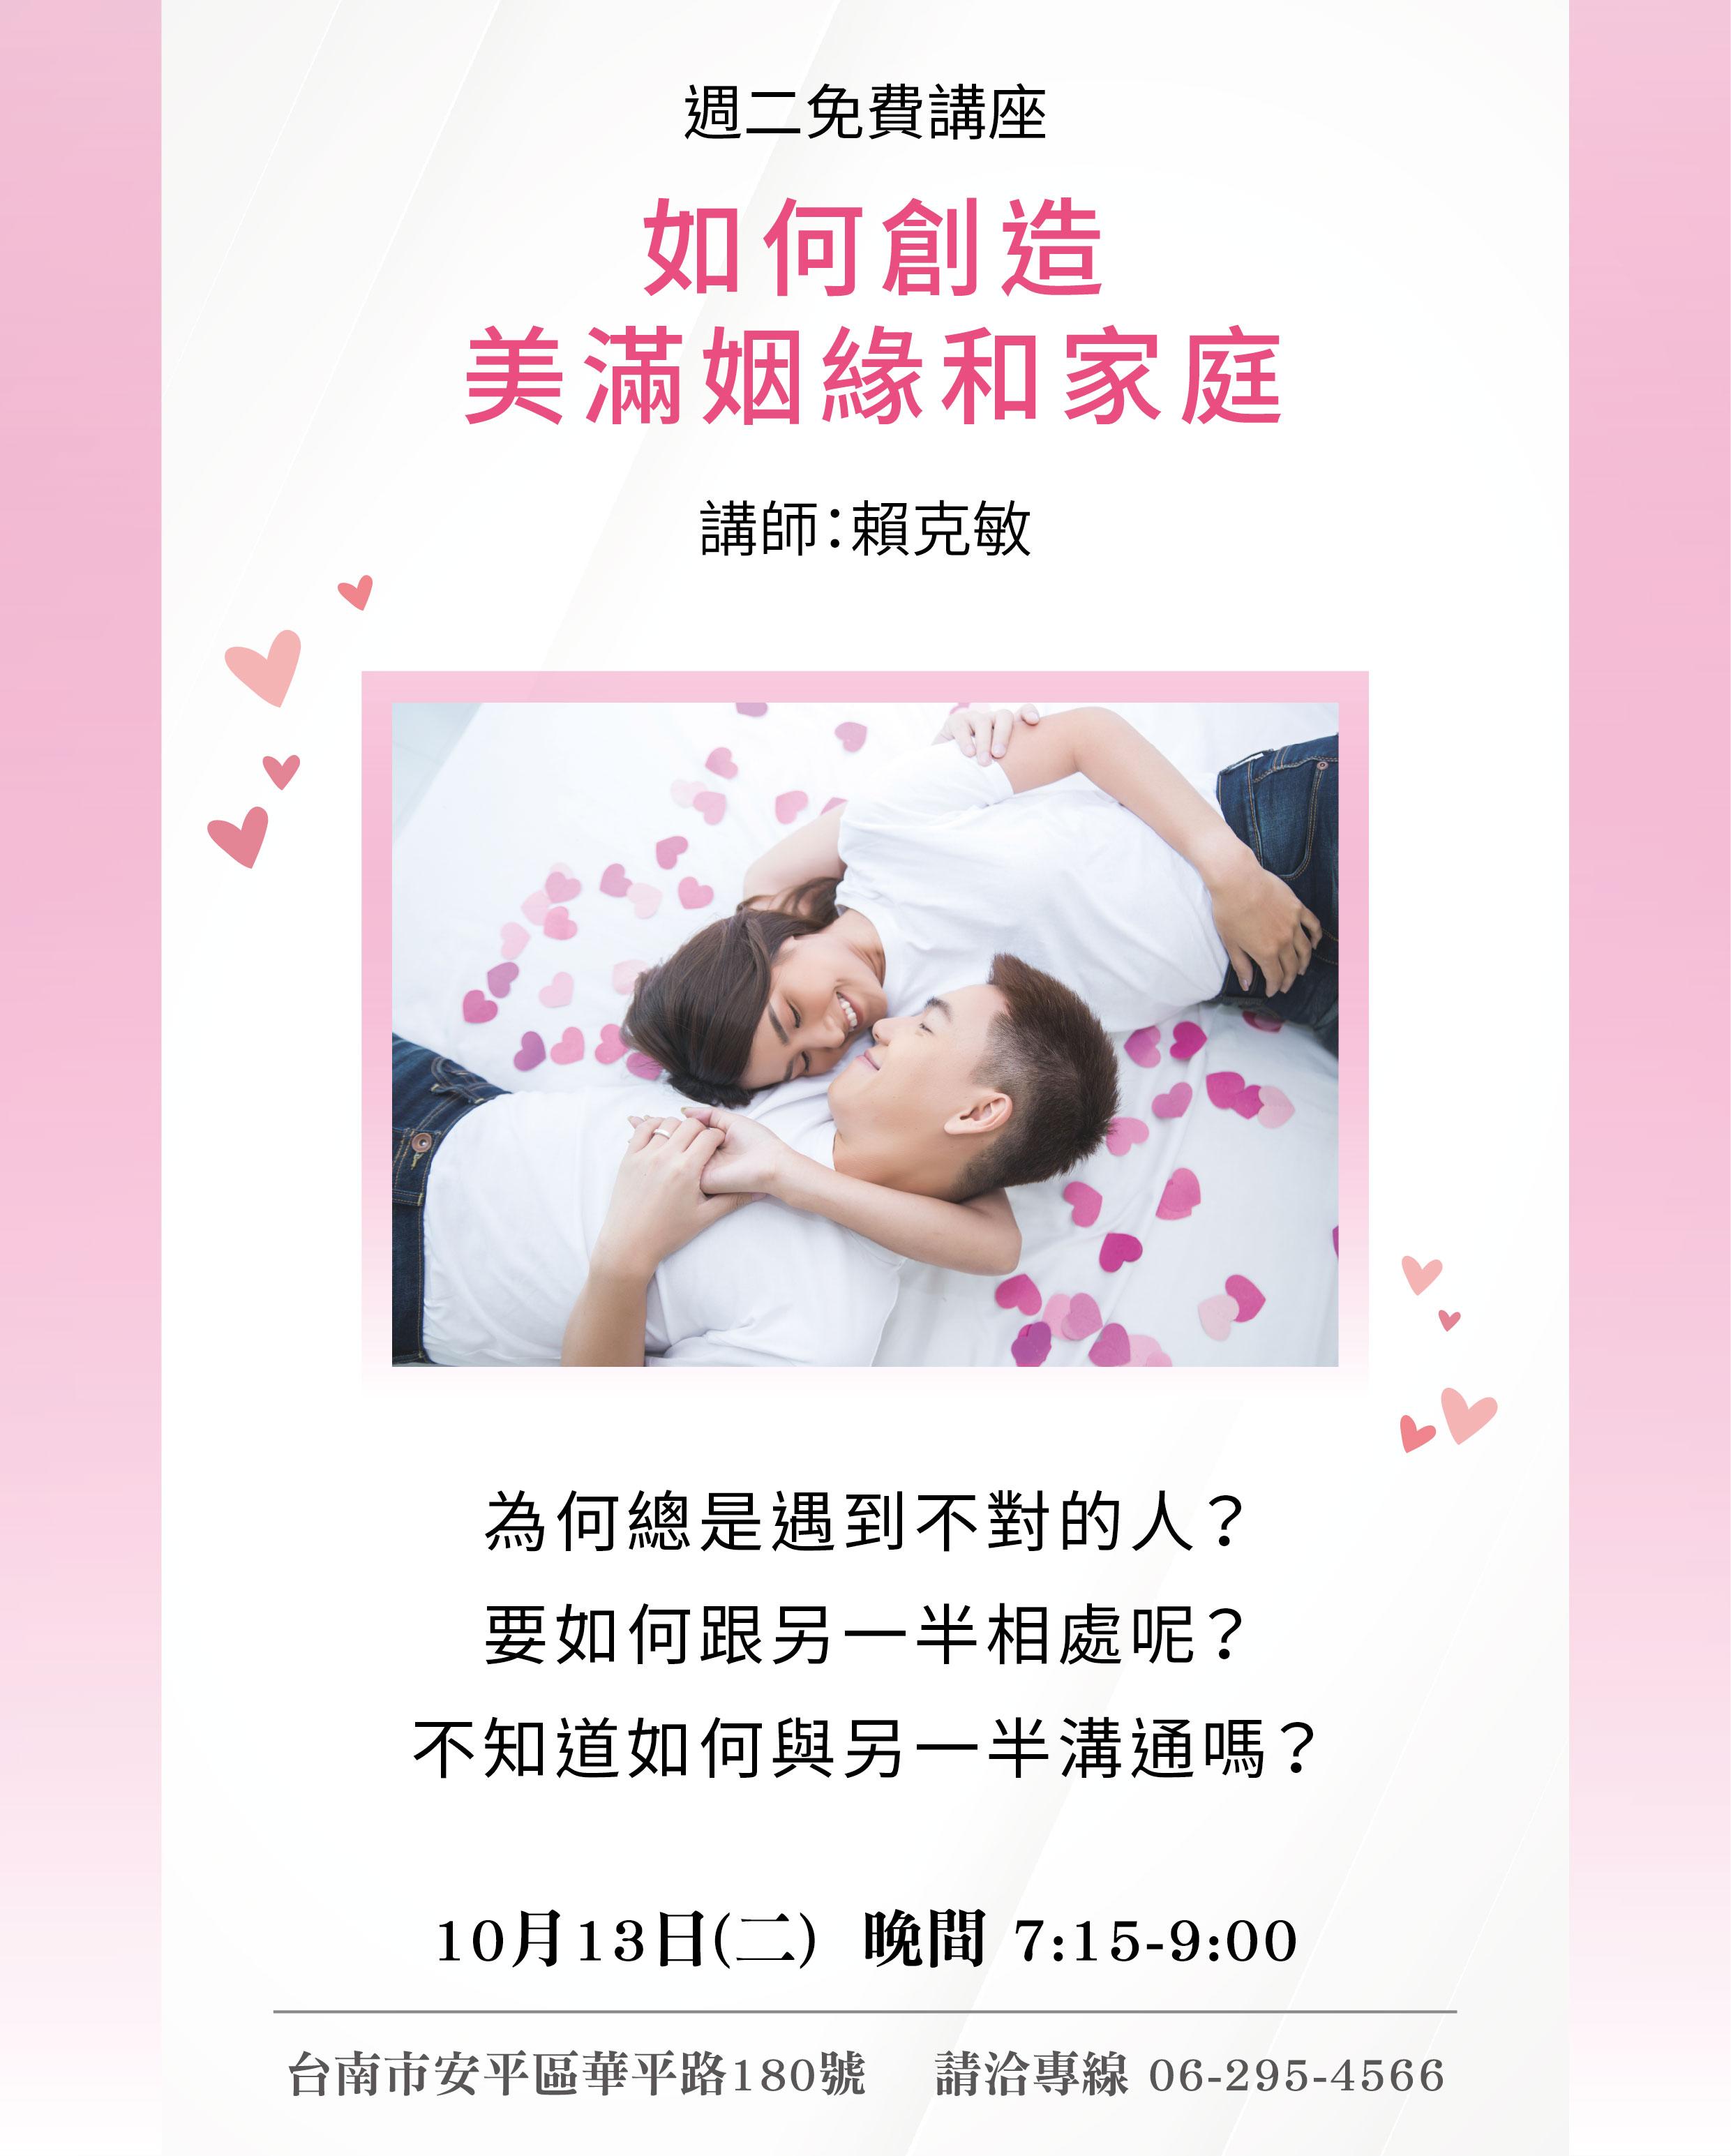 免費演講-創造美滿姻緣-10/13